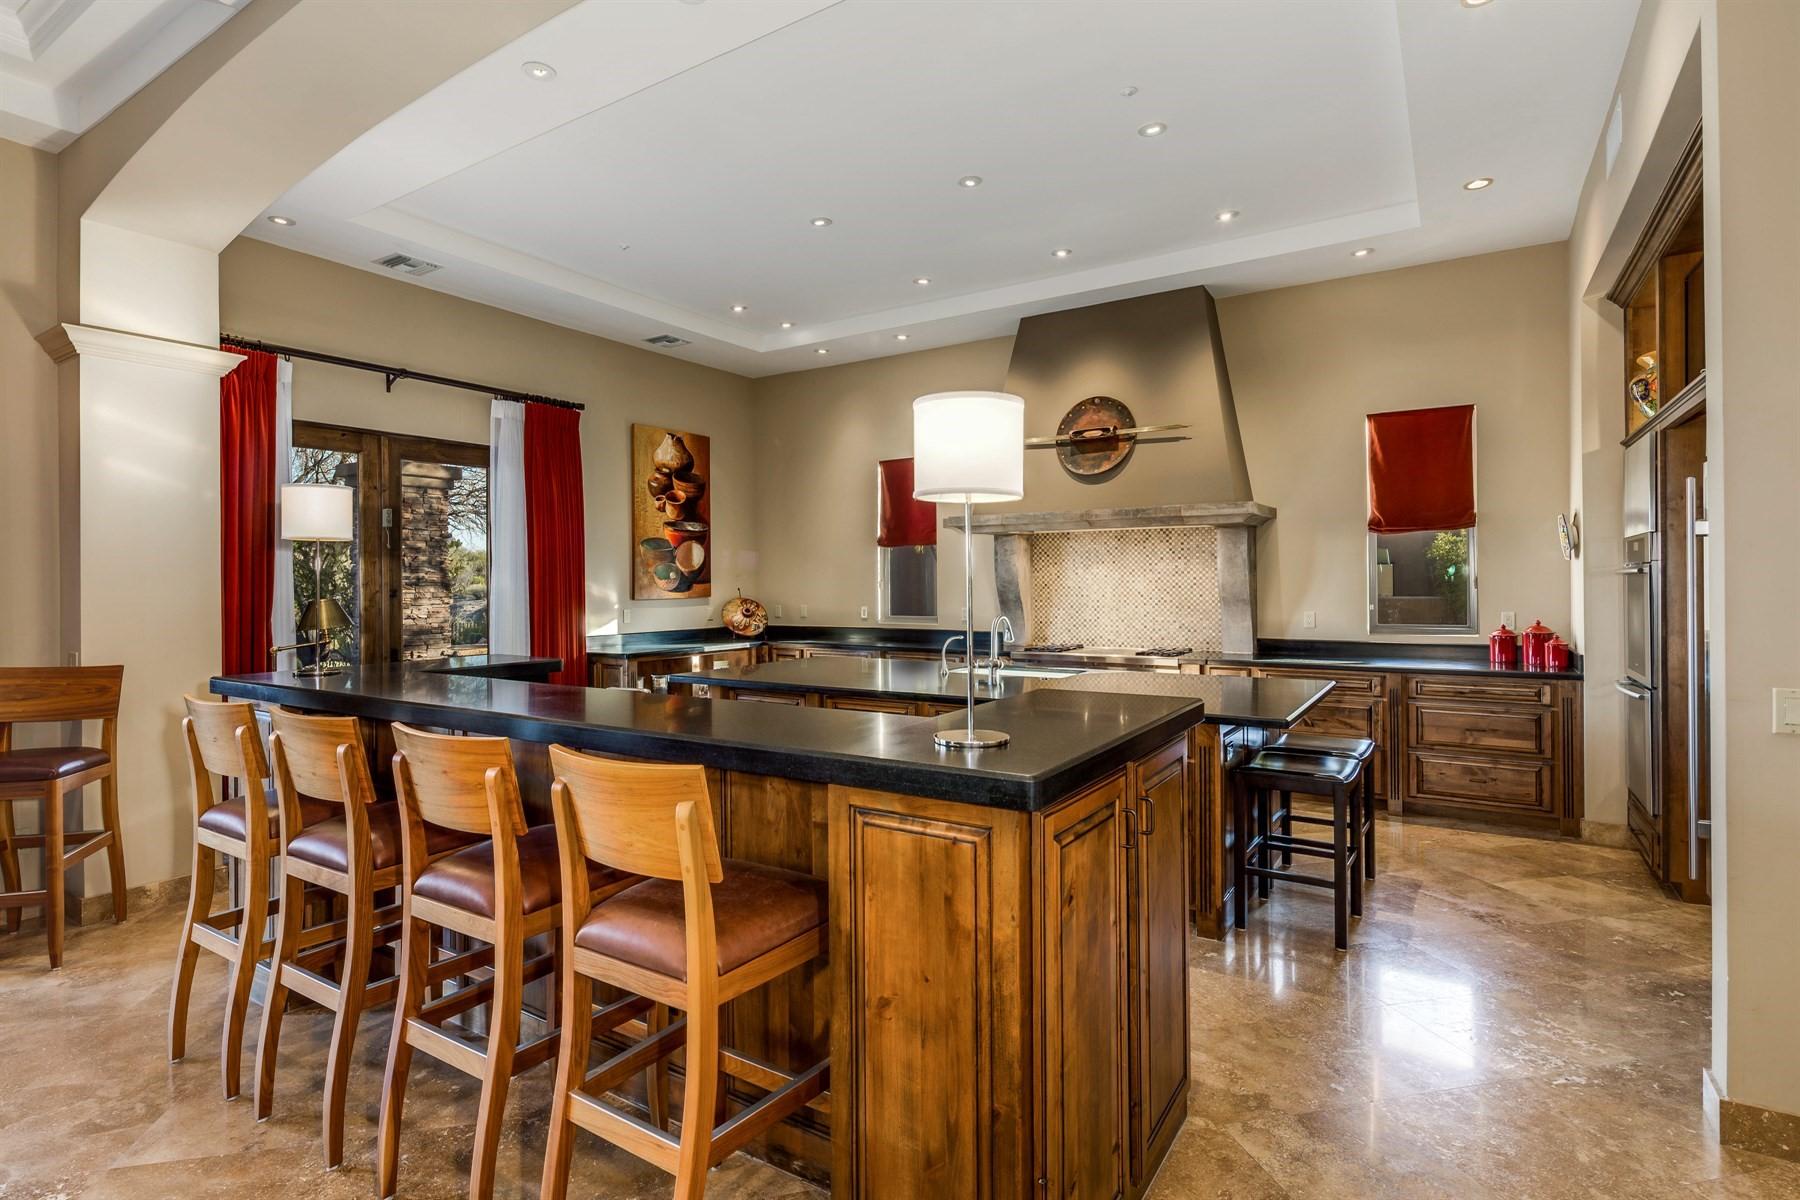 Частный односемейный дом для того Продажа на Custom Scottsdale Home in Legend Vista 35159 N 98th St, Scottsdale, Аризона, 85262 Соединенные Штаты